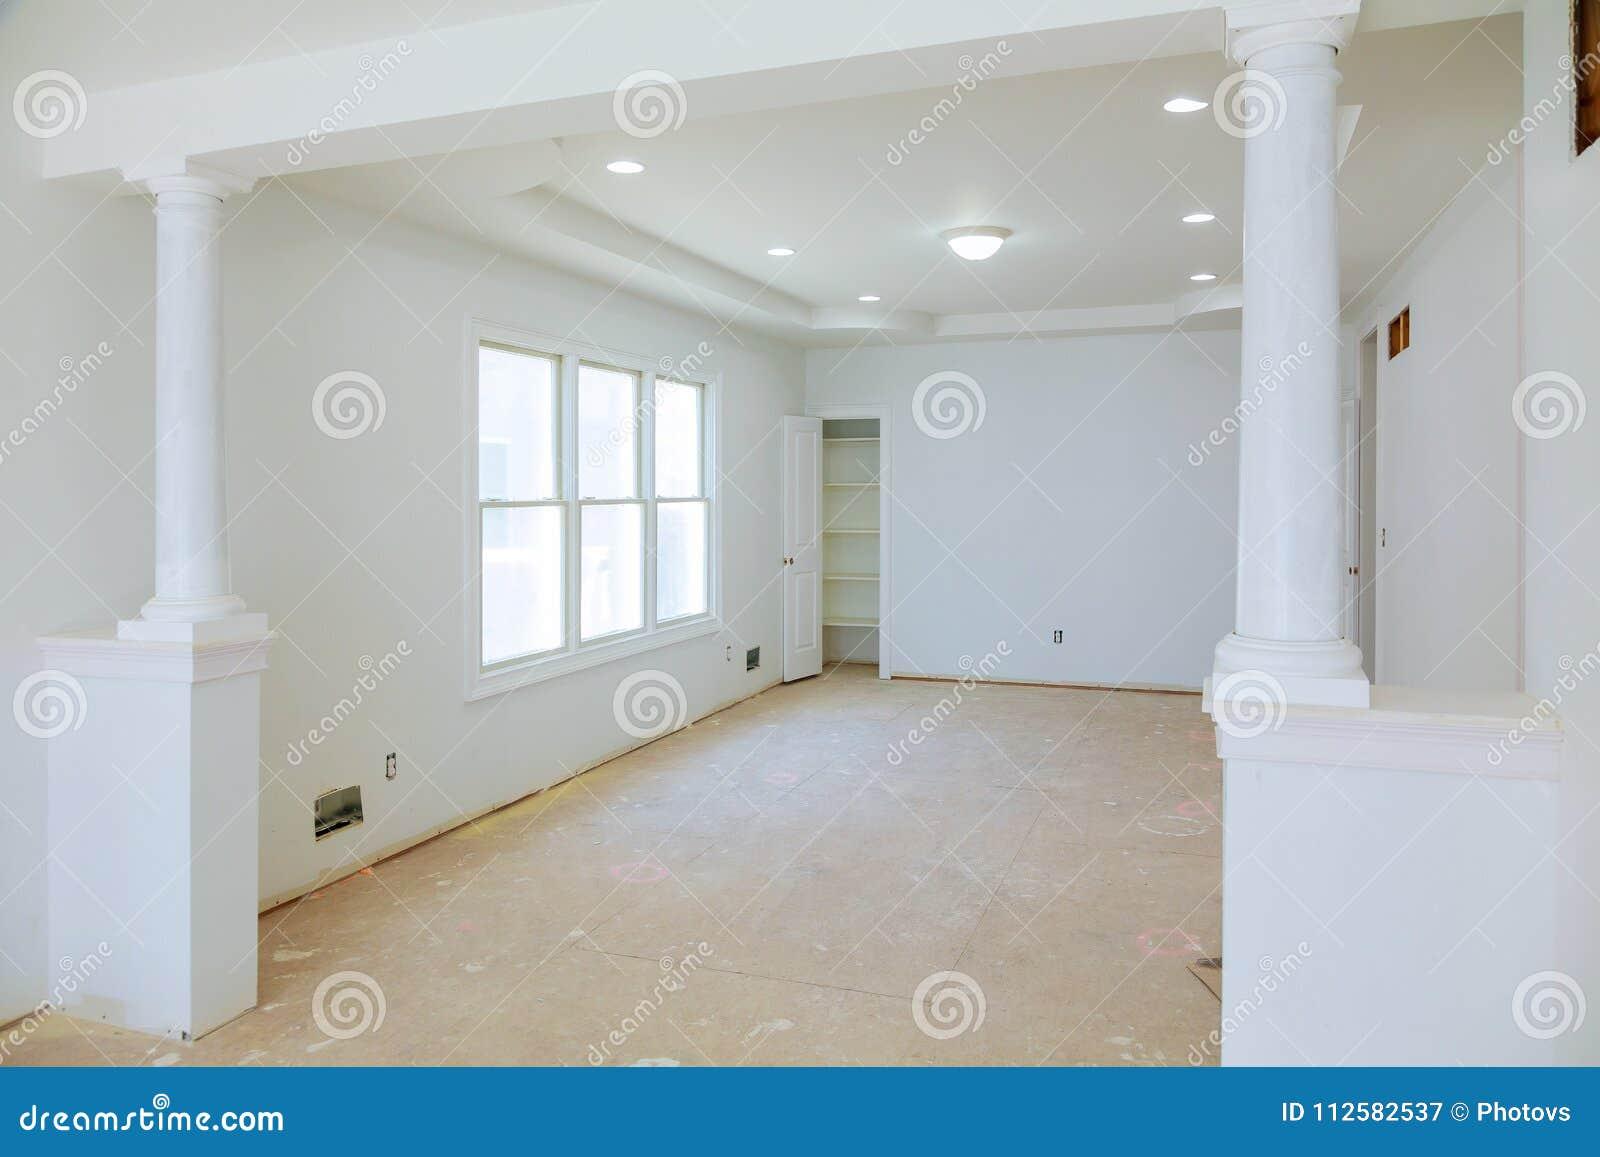 Come Rivestire Un Muro Interno interno bianco con i dettagli interni del muro a secco e di